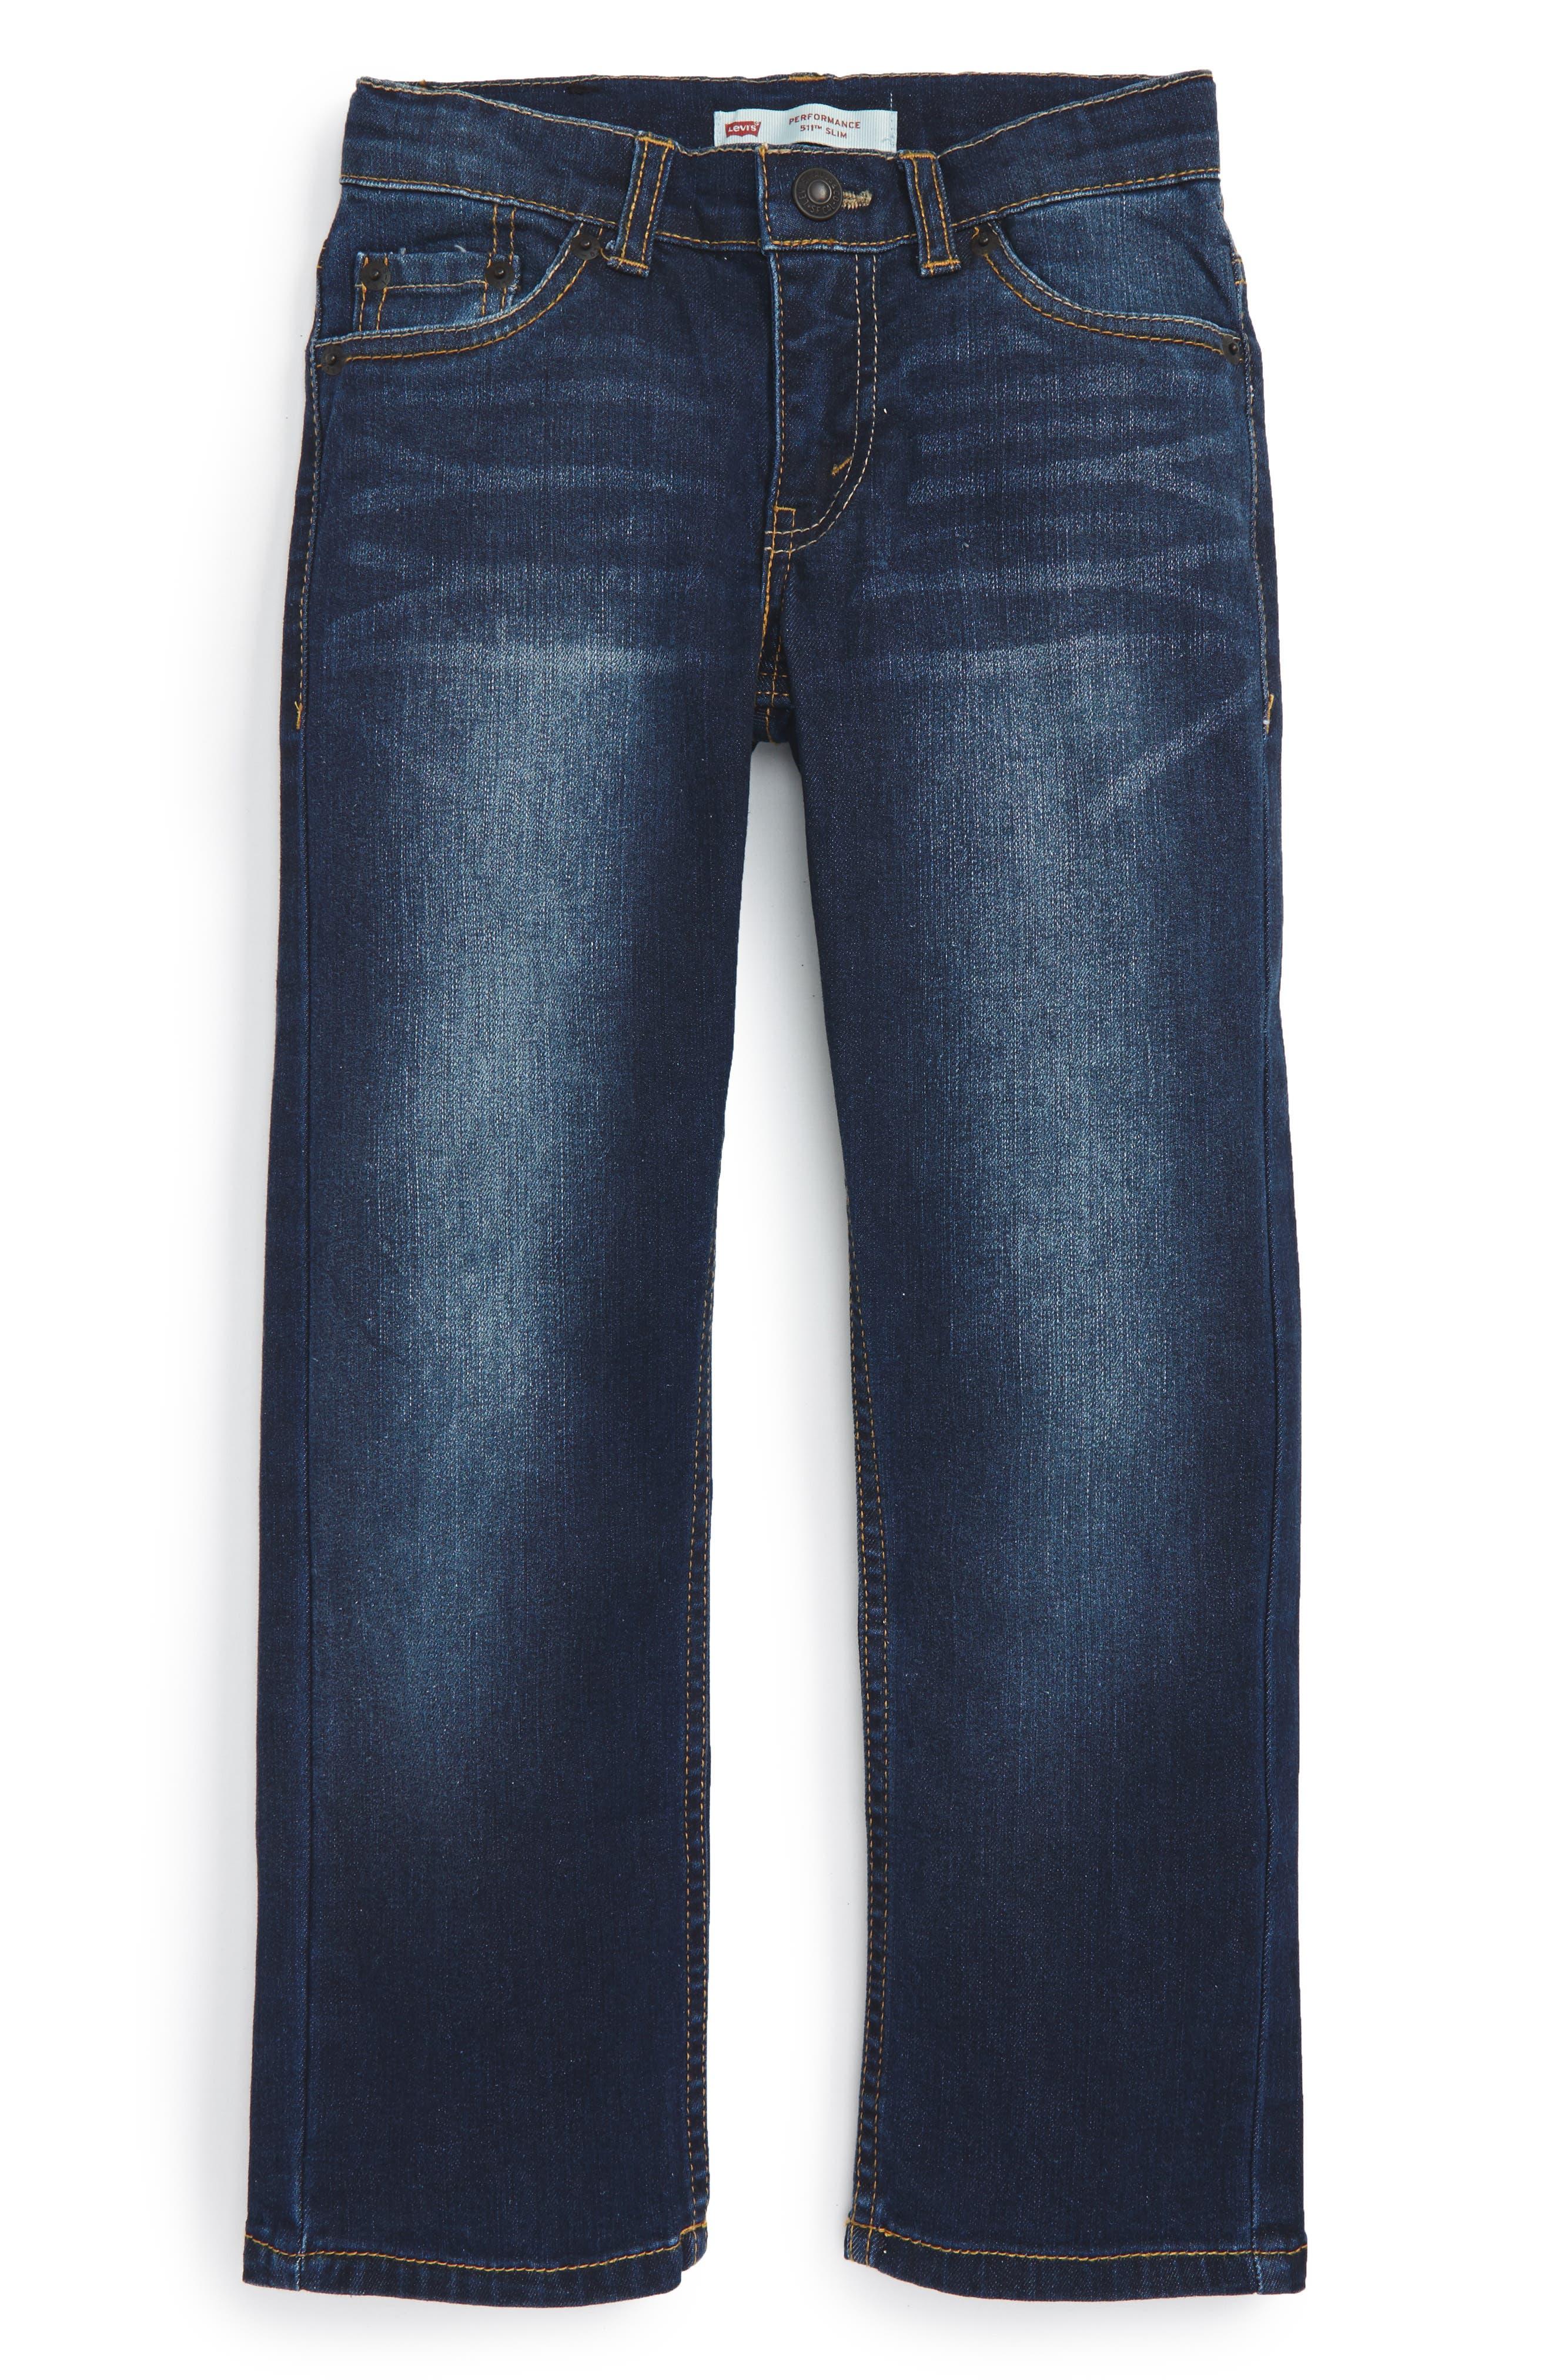 Alternate Image 1 Selected - Levi's® 511™ Knit Slim Leg Jeans (Toddler Boys & Little Boys)